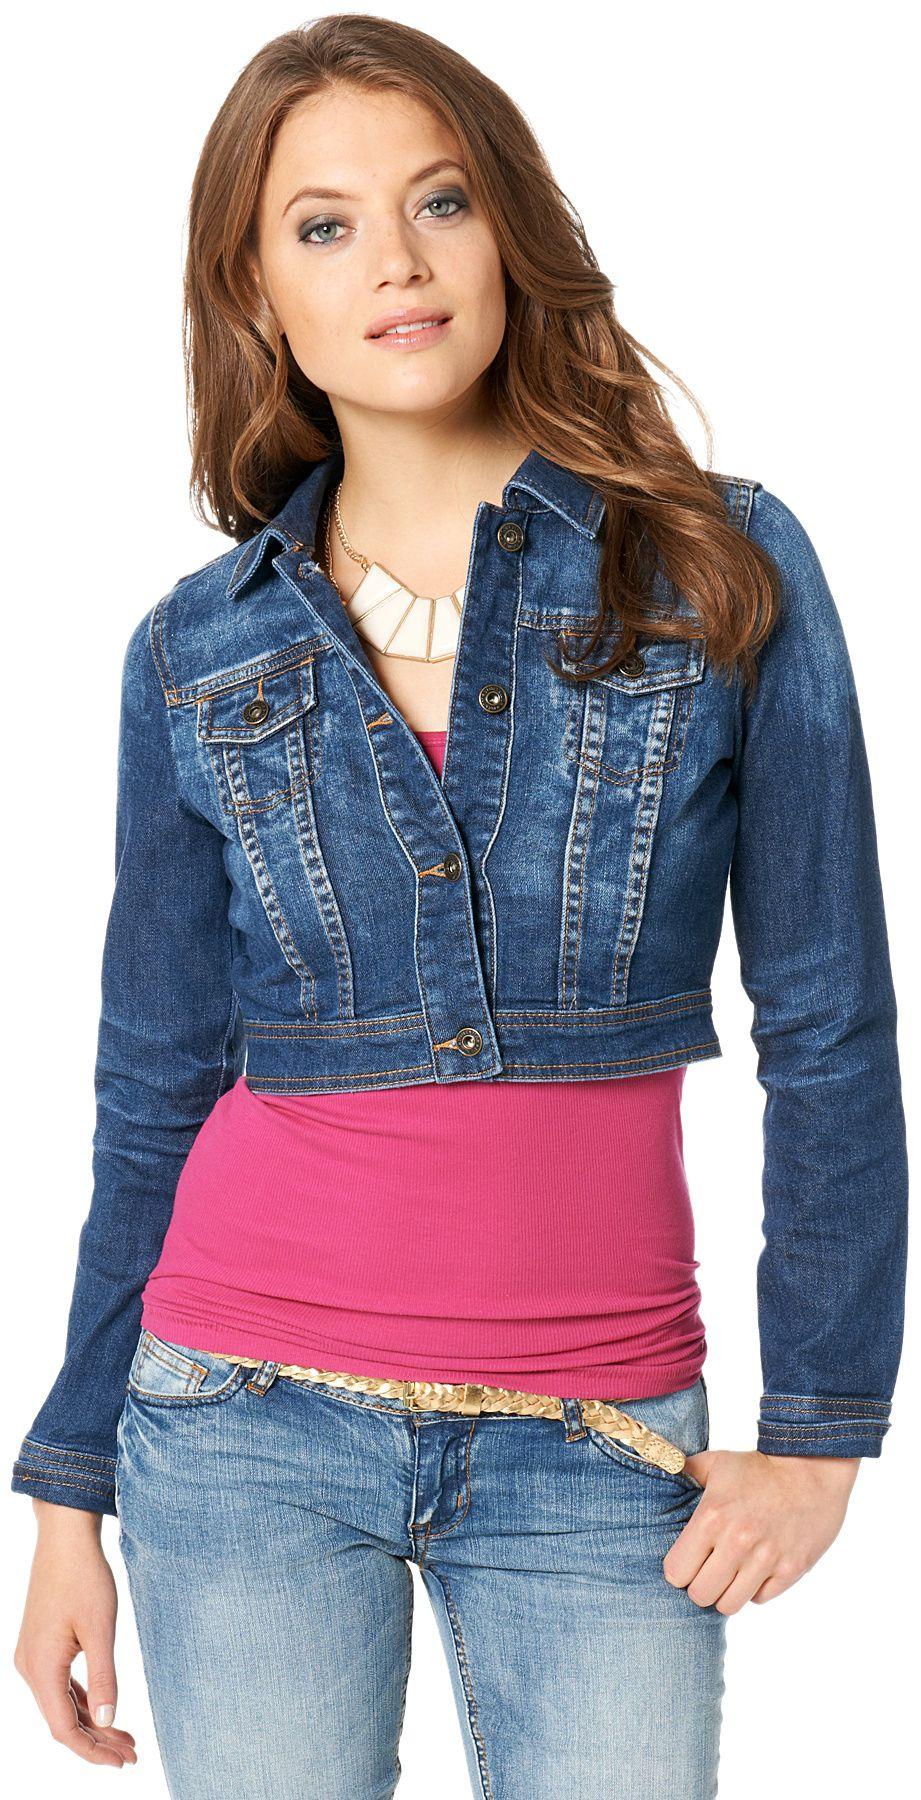 2016 Kot Ceket Modelleri ve Kombinleri Blue-Denim-Jacket-Women ...